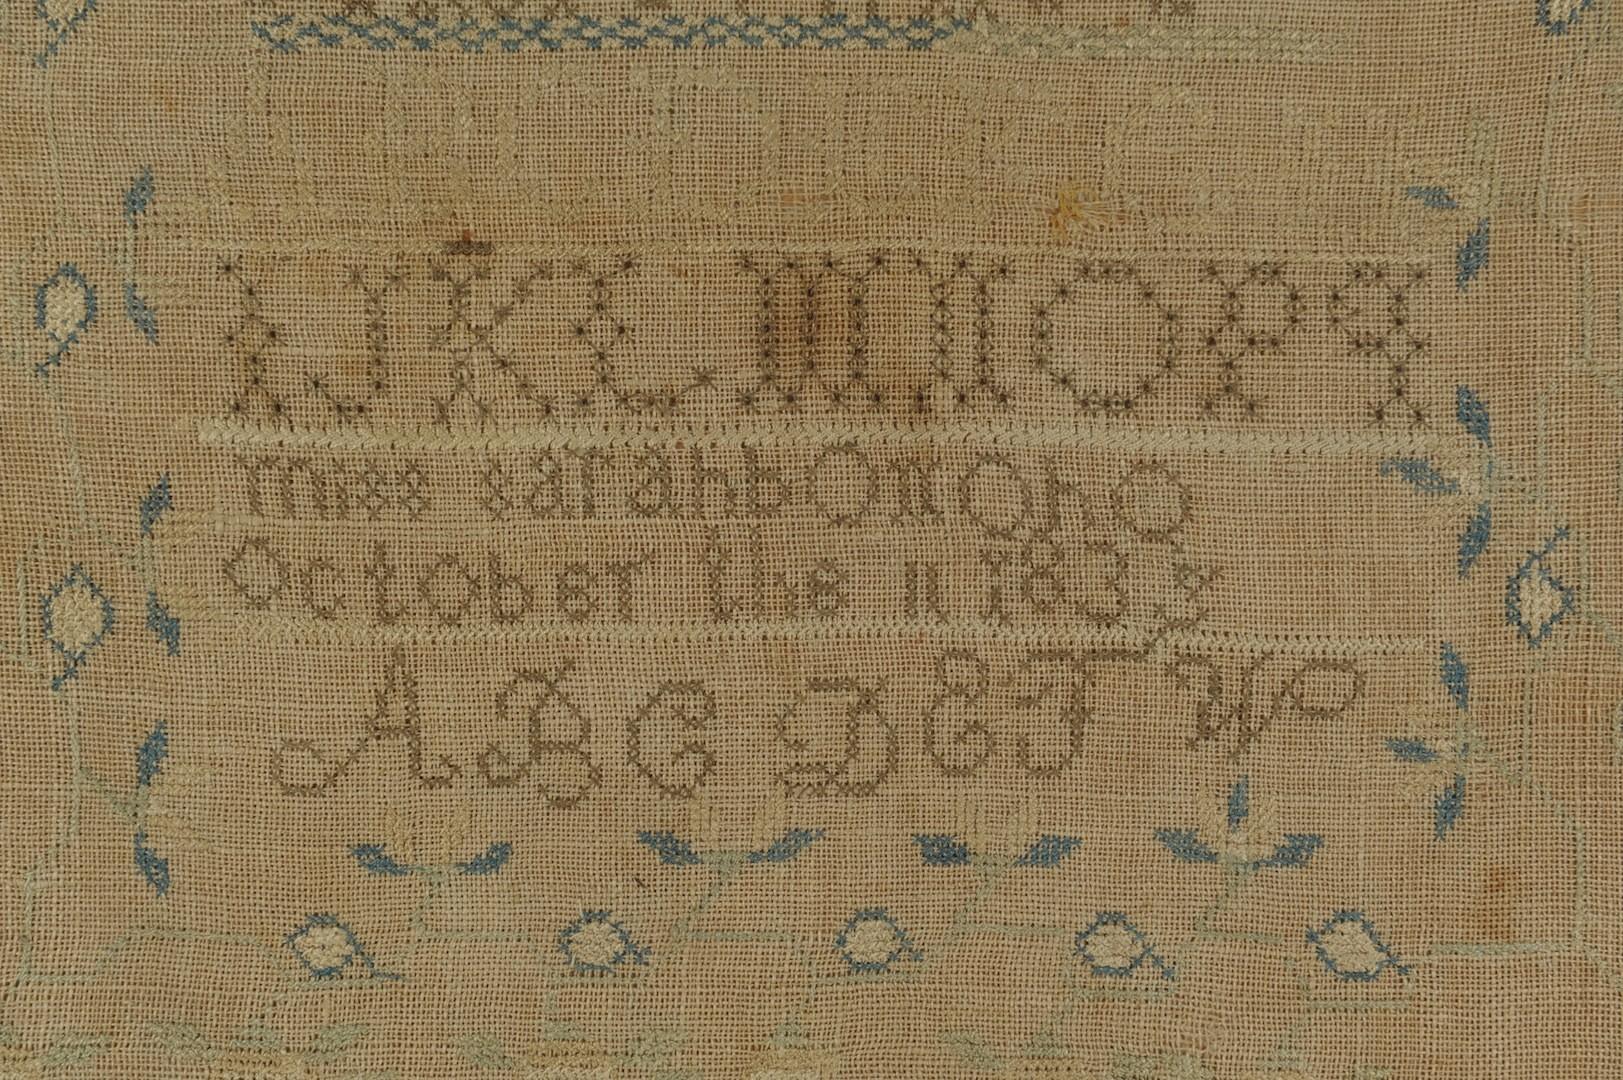 Lot __ Inv. #4217: Sarah Brevard Donoho needlework sampler and photos